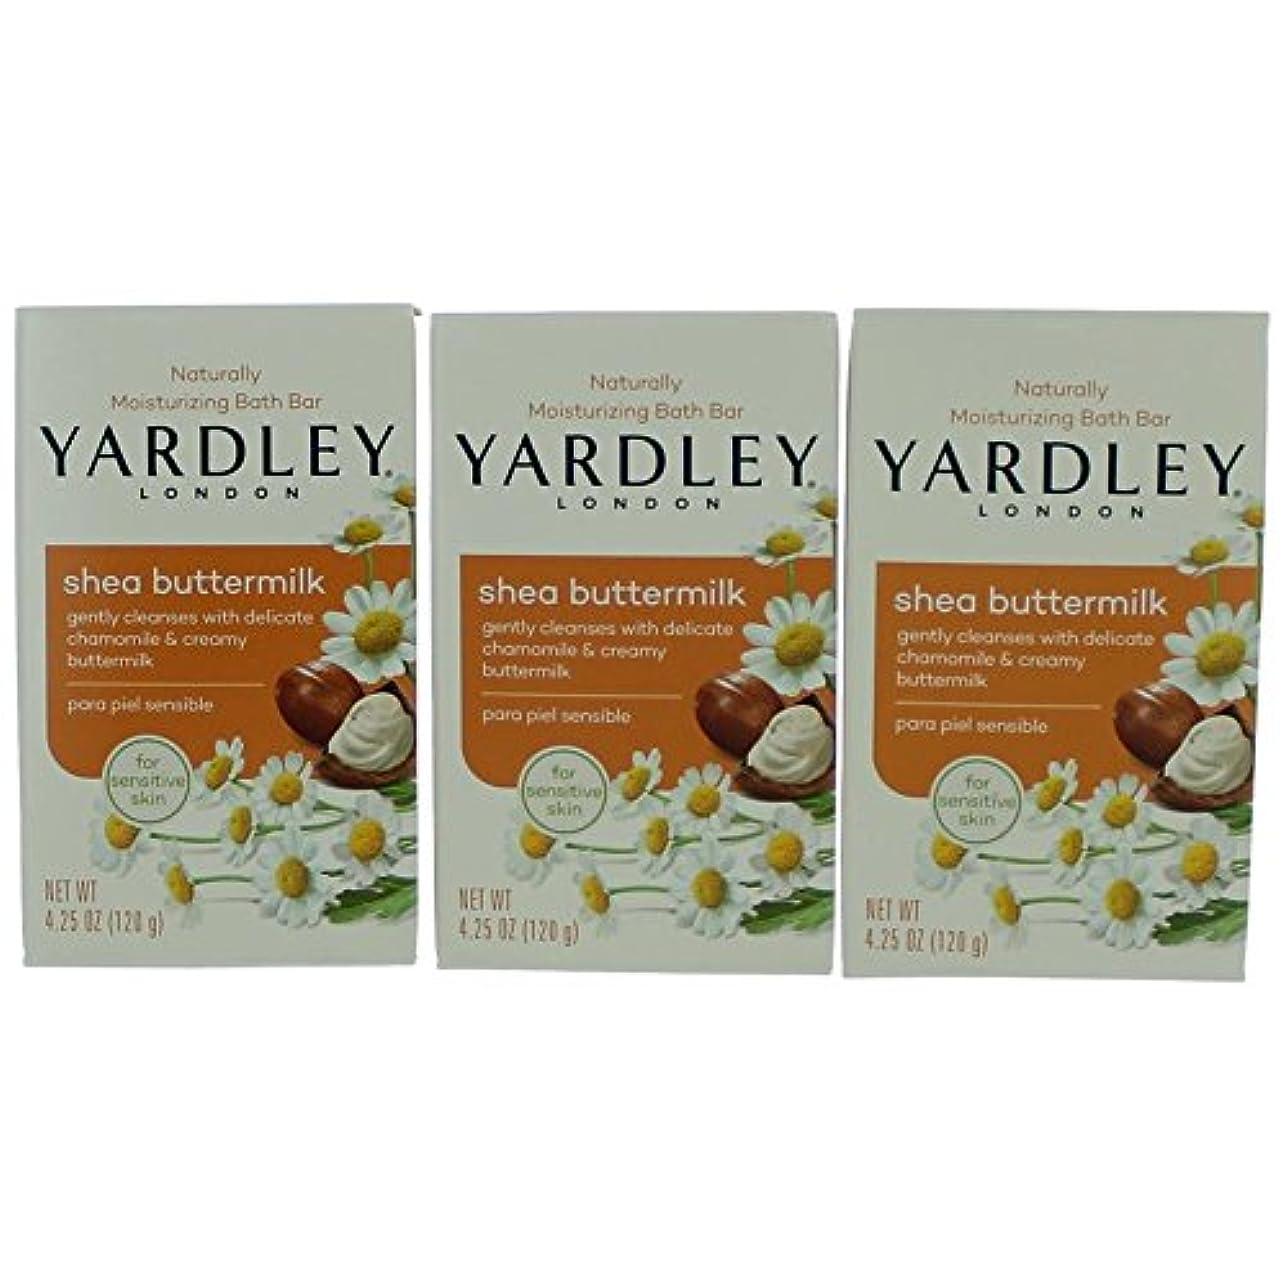 取り扱い上回るなんでもYardley ロンドン敏感肌シェイバターミルク石鹸、4.25オズ(4パック) 4パック